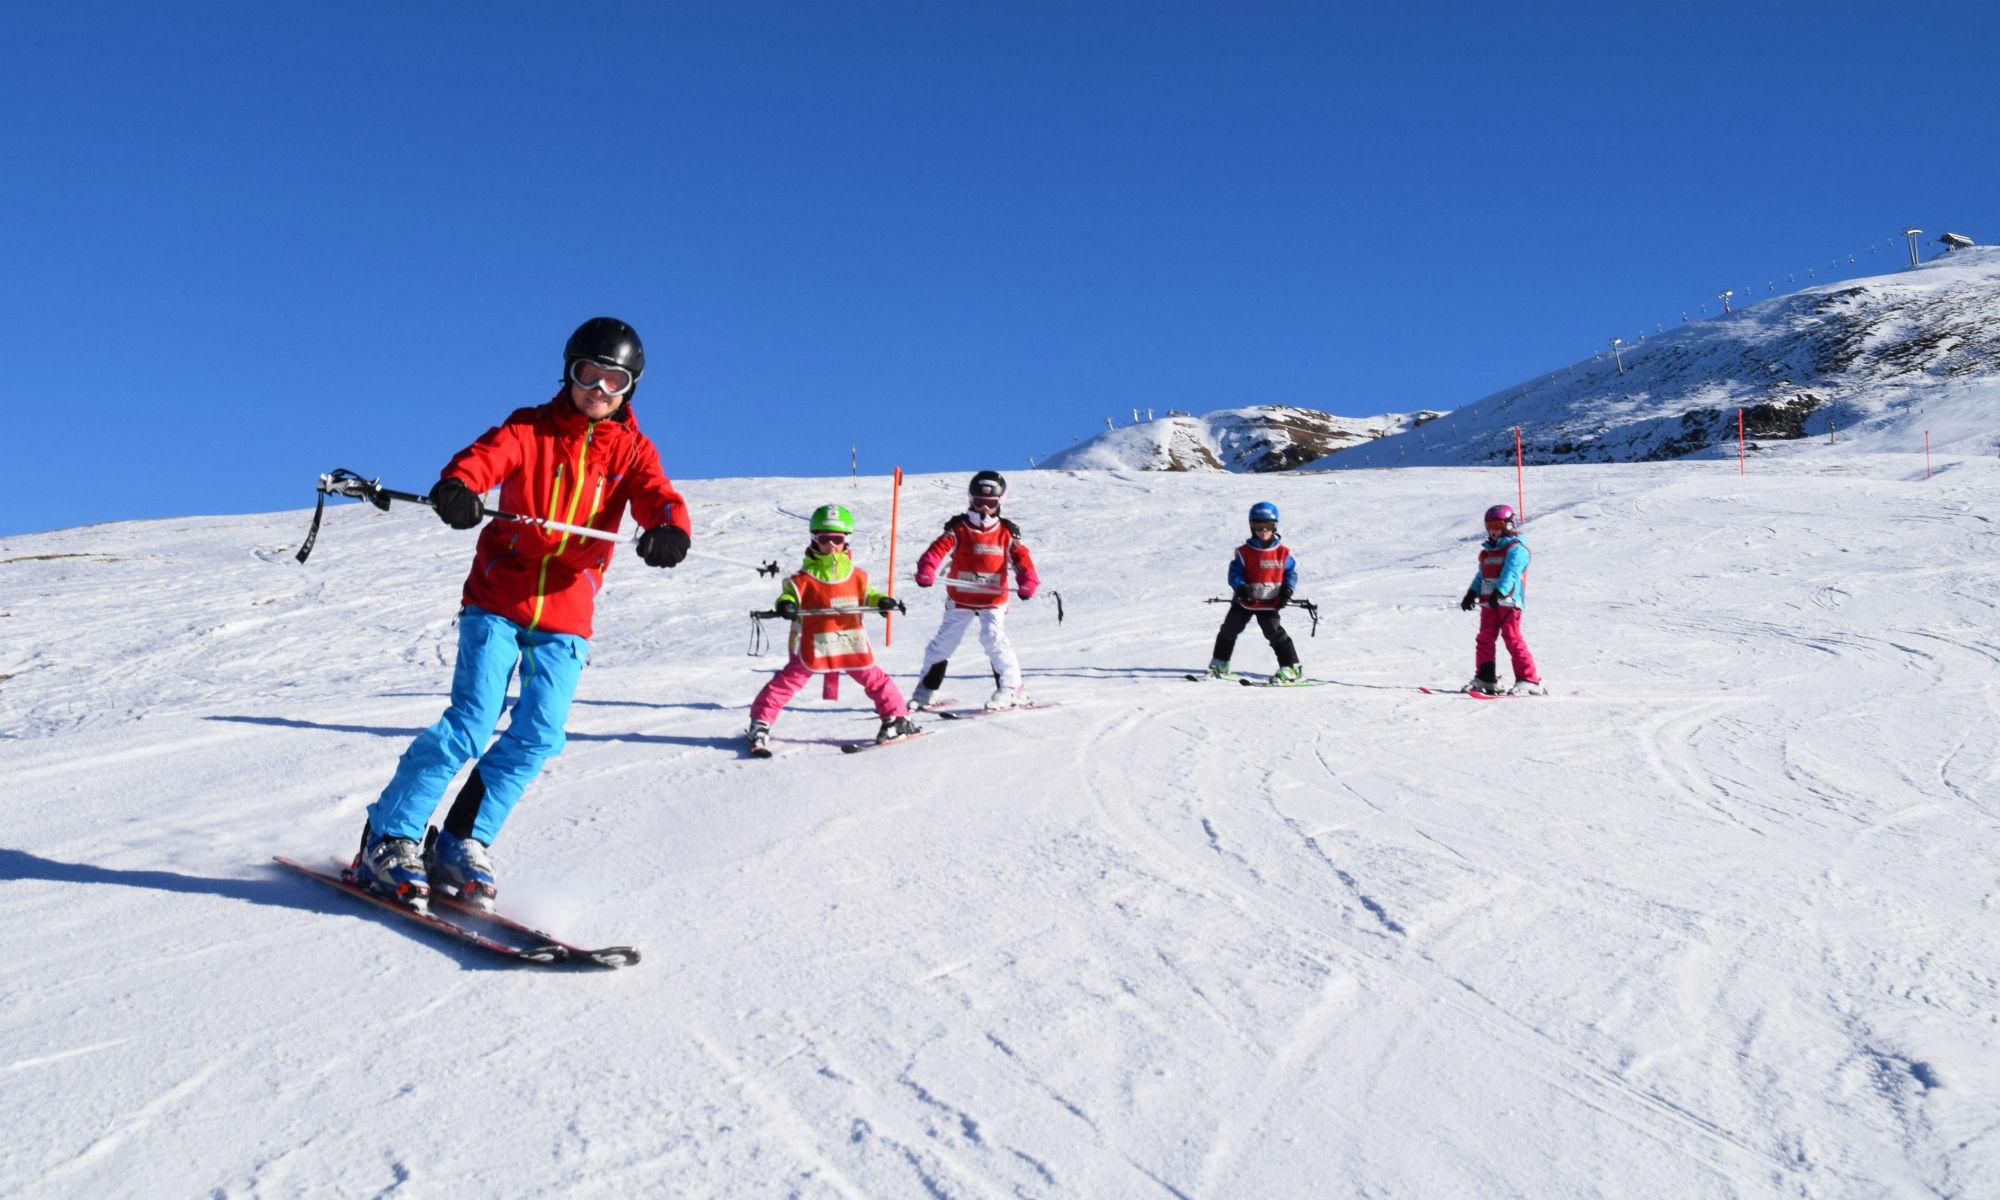 Eine Gruppe Kinder zusammen mit ihrem Skilehrer auf einer sonnigen Skipiste in Davos.